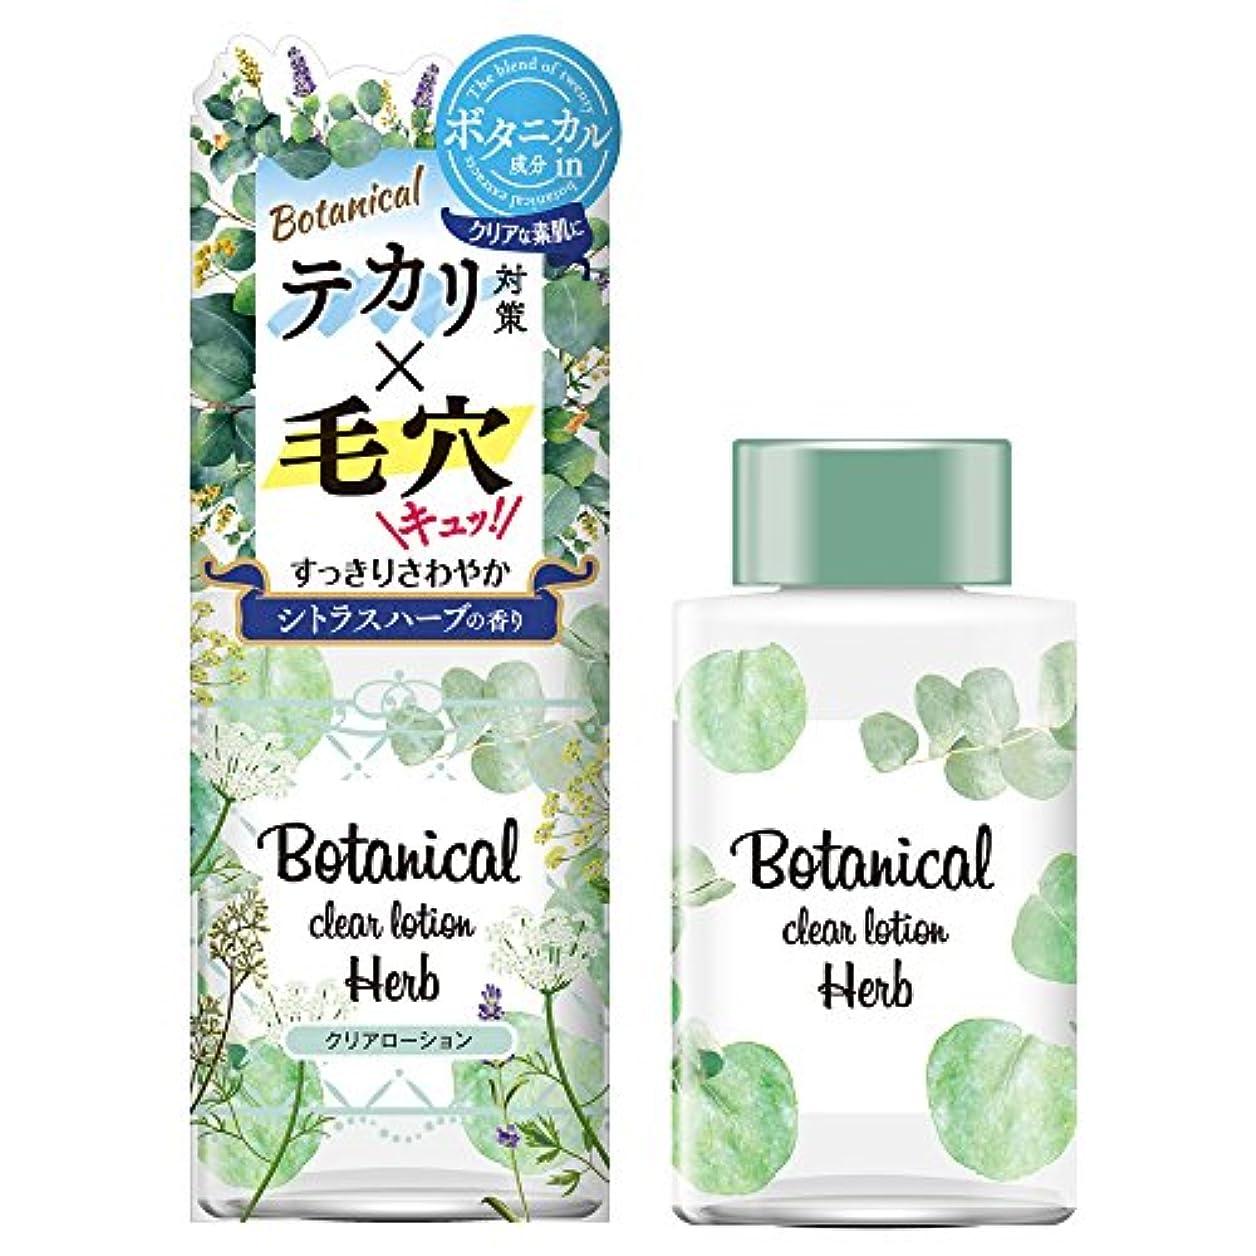 永遠に乏しい骨髄ボタニカル クリアローション シトラスハーブの香り